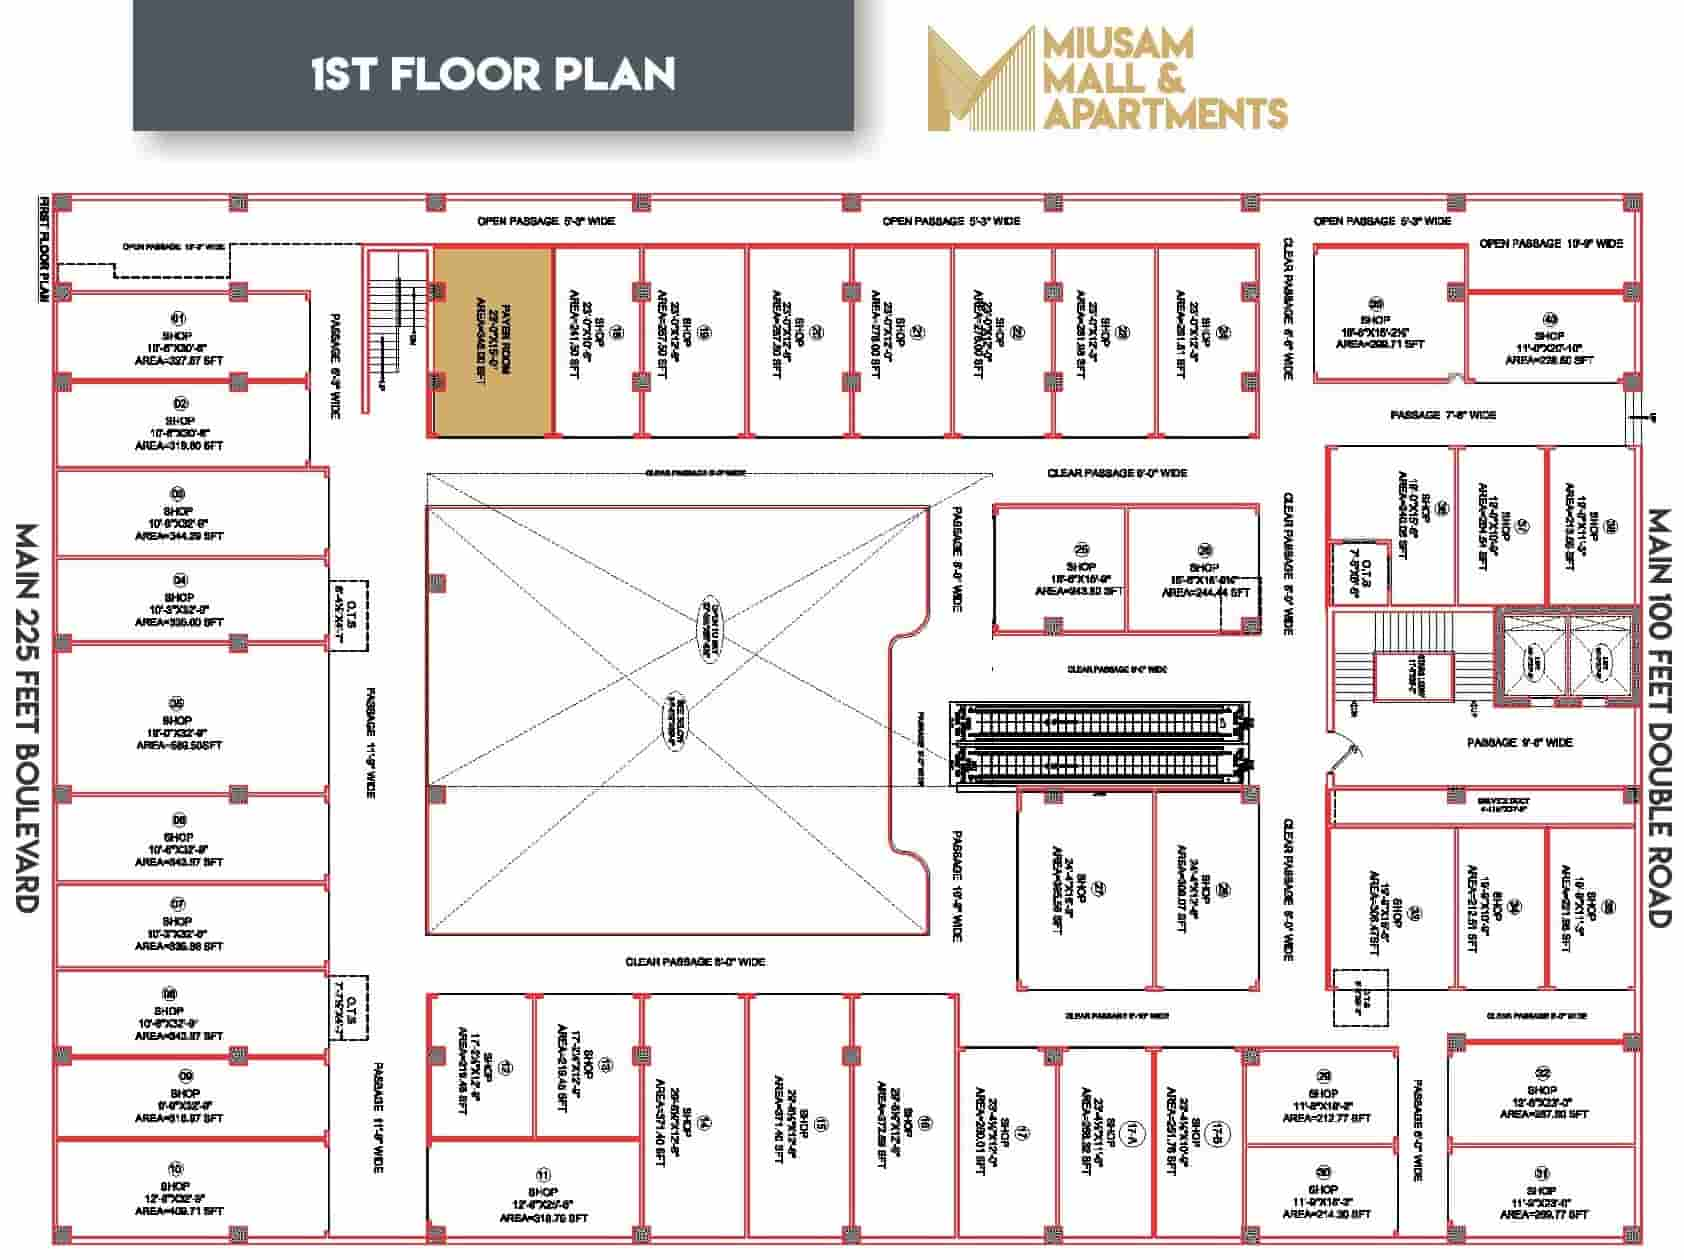 Miusam Mall 1st Floor Plan-min